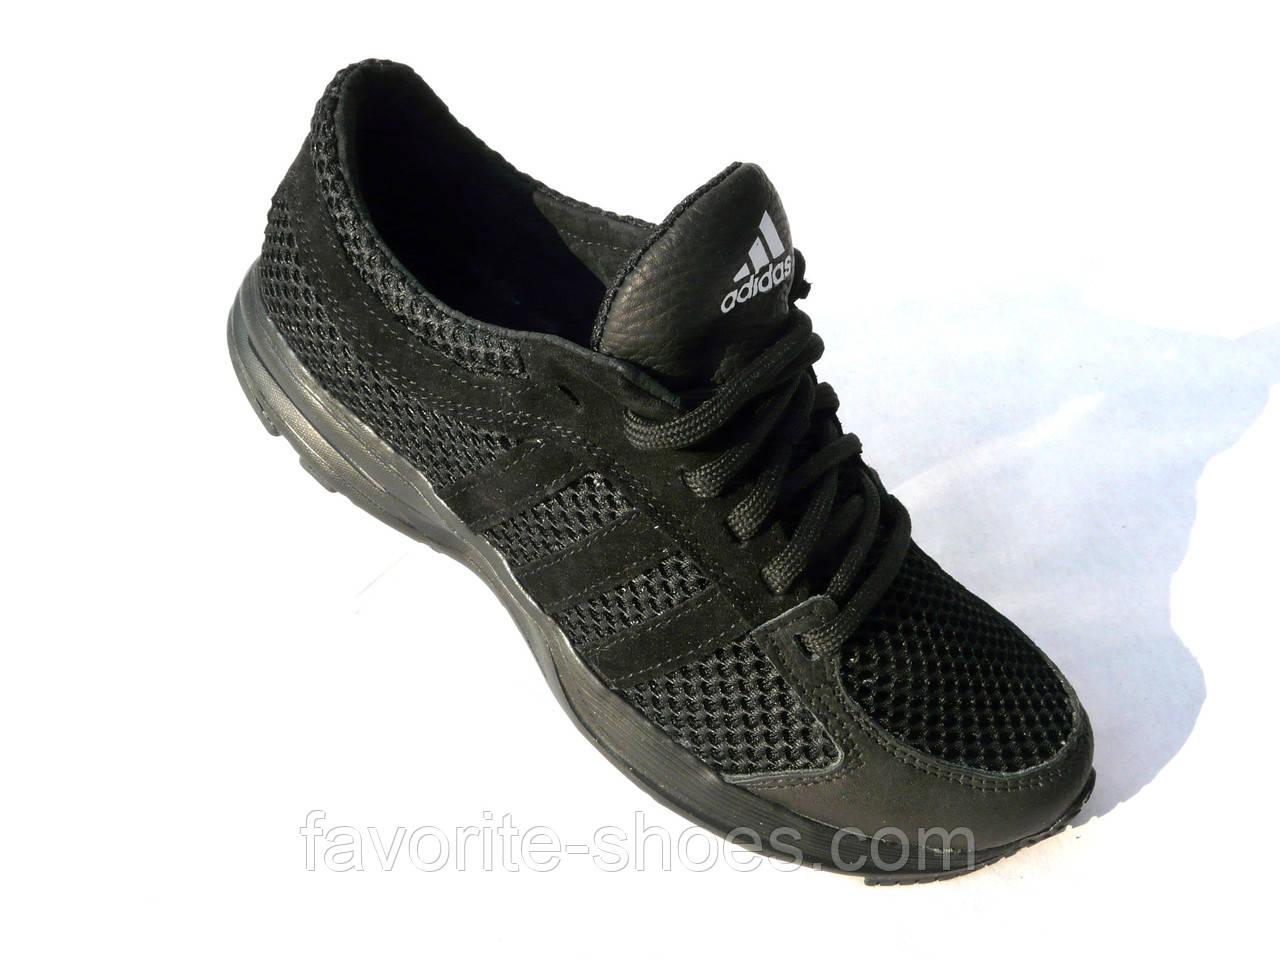 Кроссовки Adidas сетка турецкие материалы 41,44р.